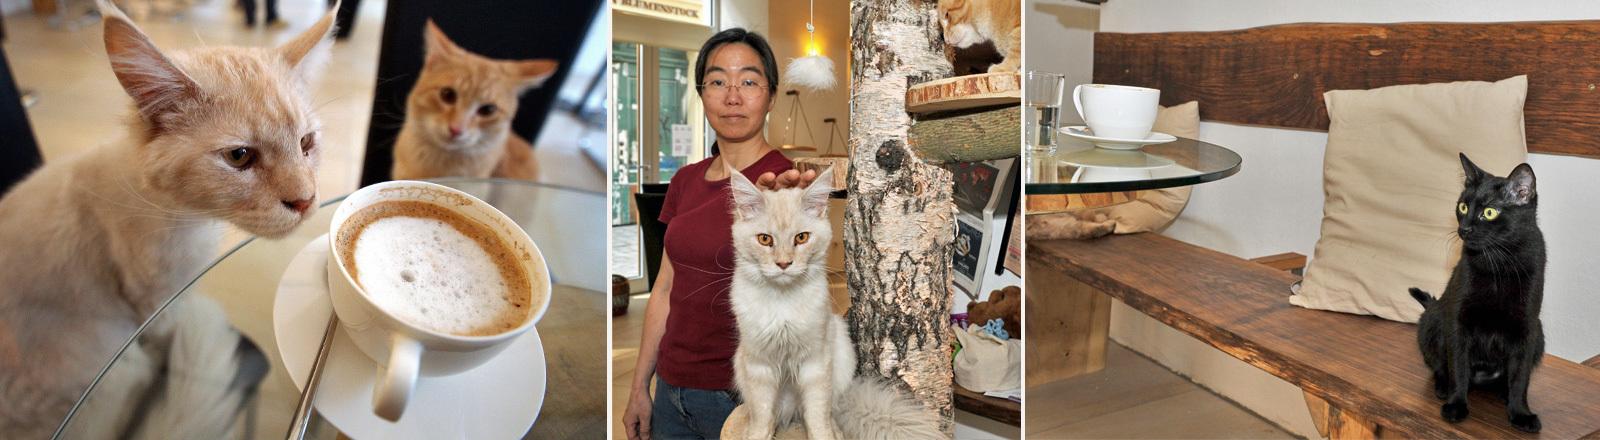 Fotos aus einem Katzencafe in Wien, das von einer Japanerin betrieben wird.